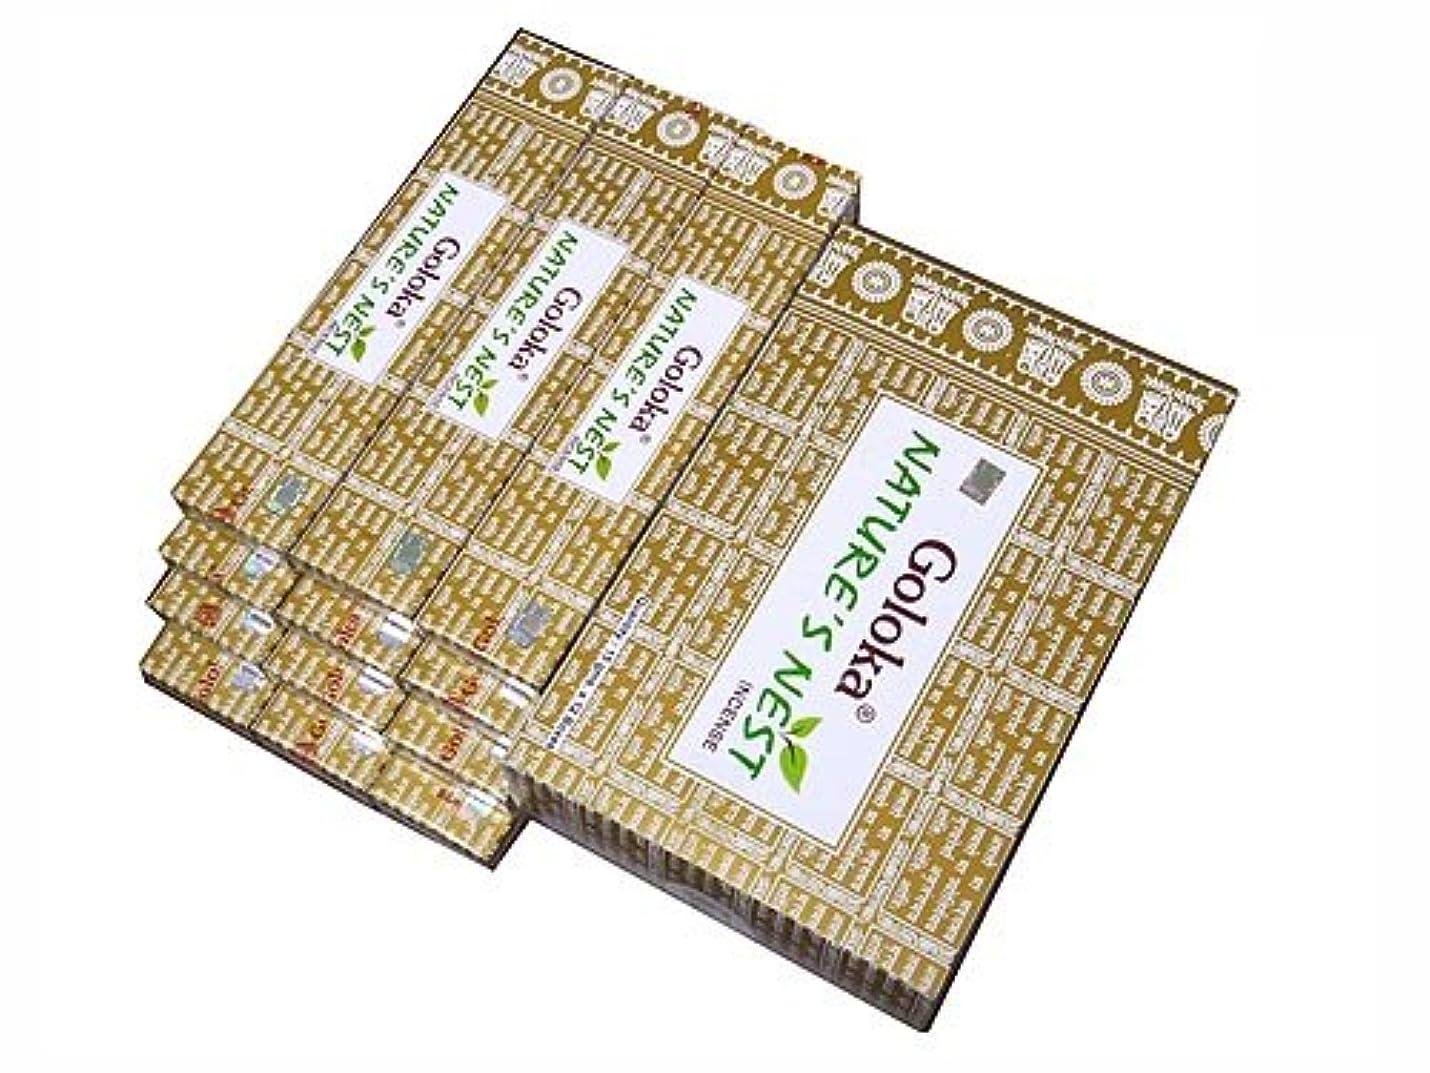 世界の窓省略愚かGOLOKA(ゴロカ) ゴロカ ネイチャーズネスト香 レギュラーボックス オールナチュラルインセンス NATURE'S NEST 12箱セット